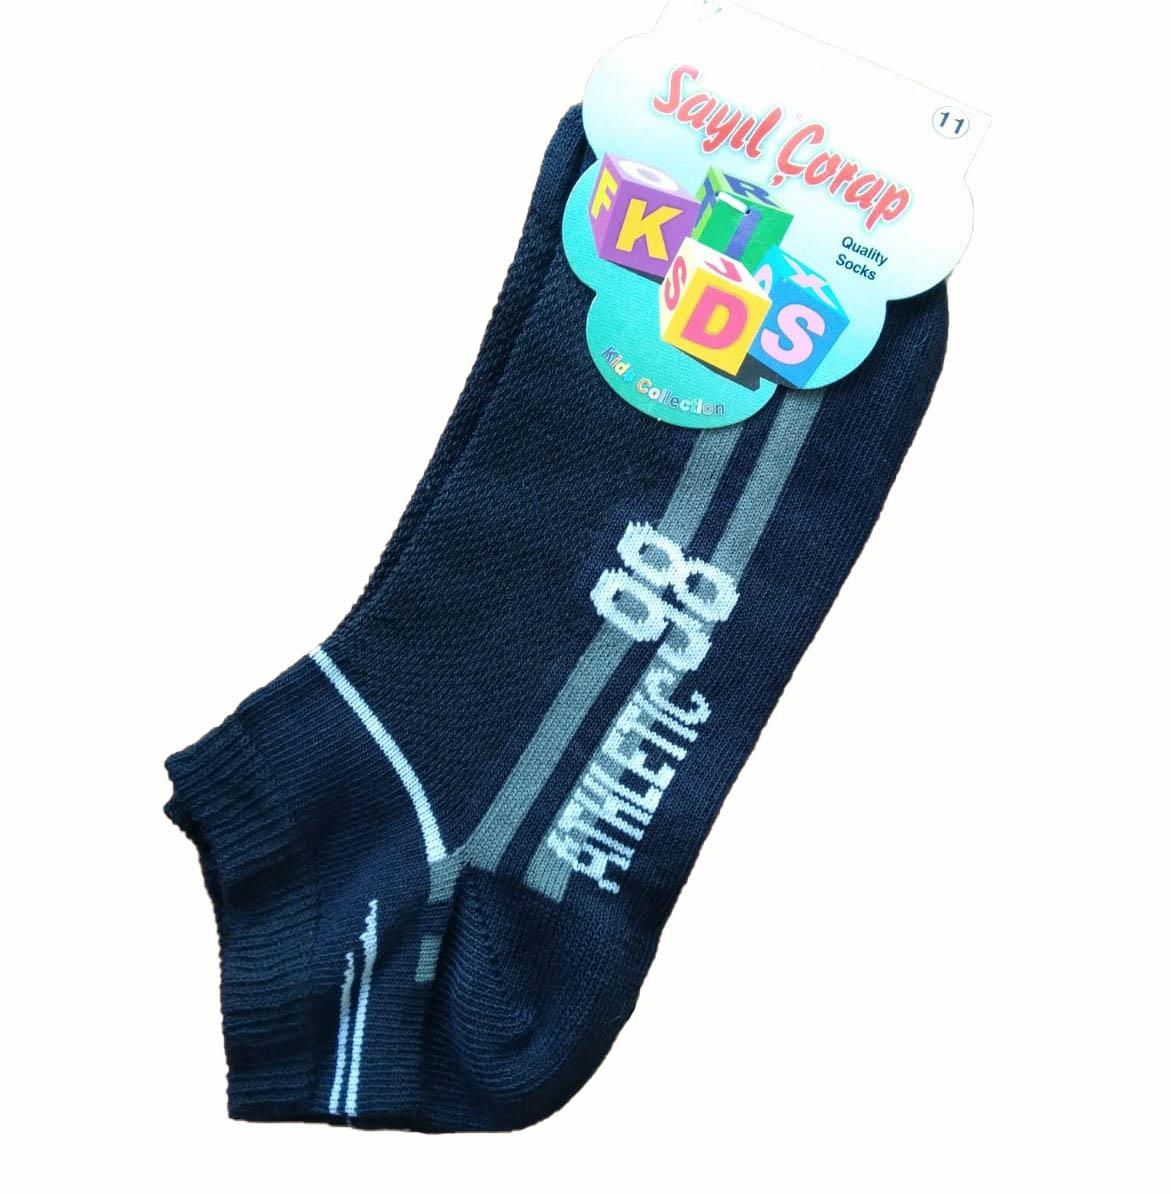 12 Çift Sayıl Erkek Çocuk Patik Çorap Kısa Çorap